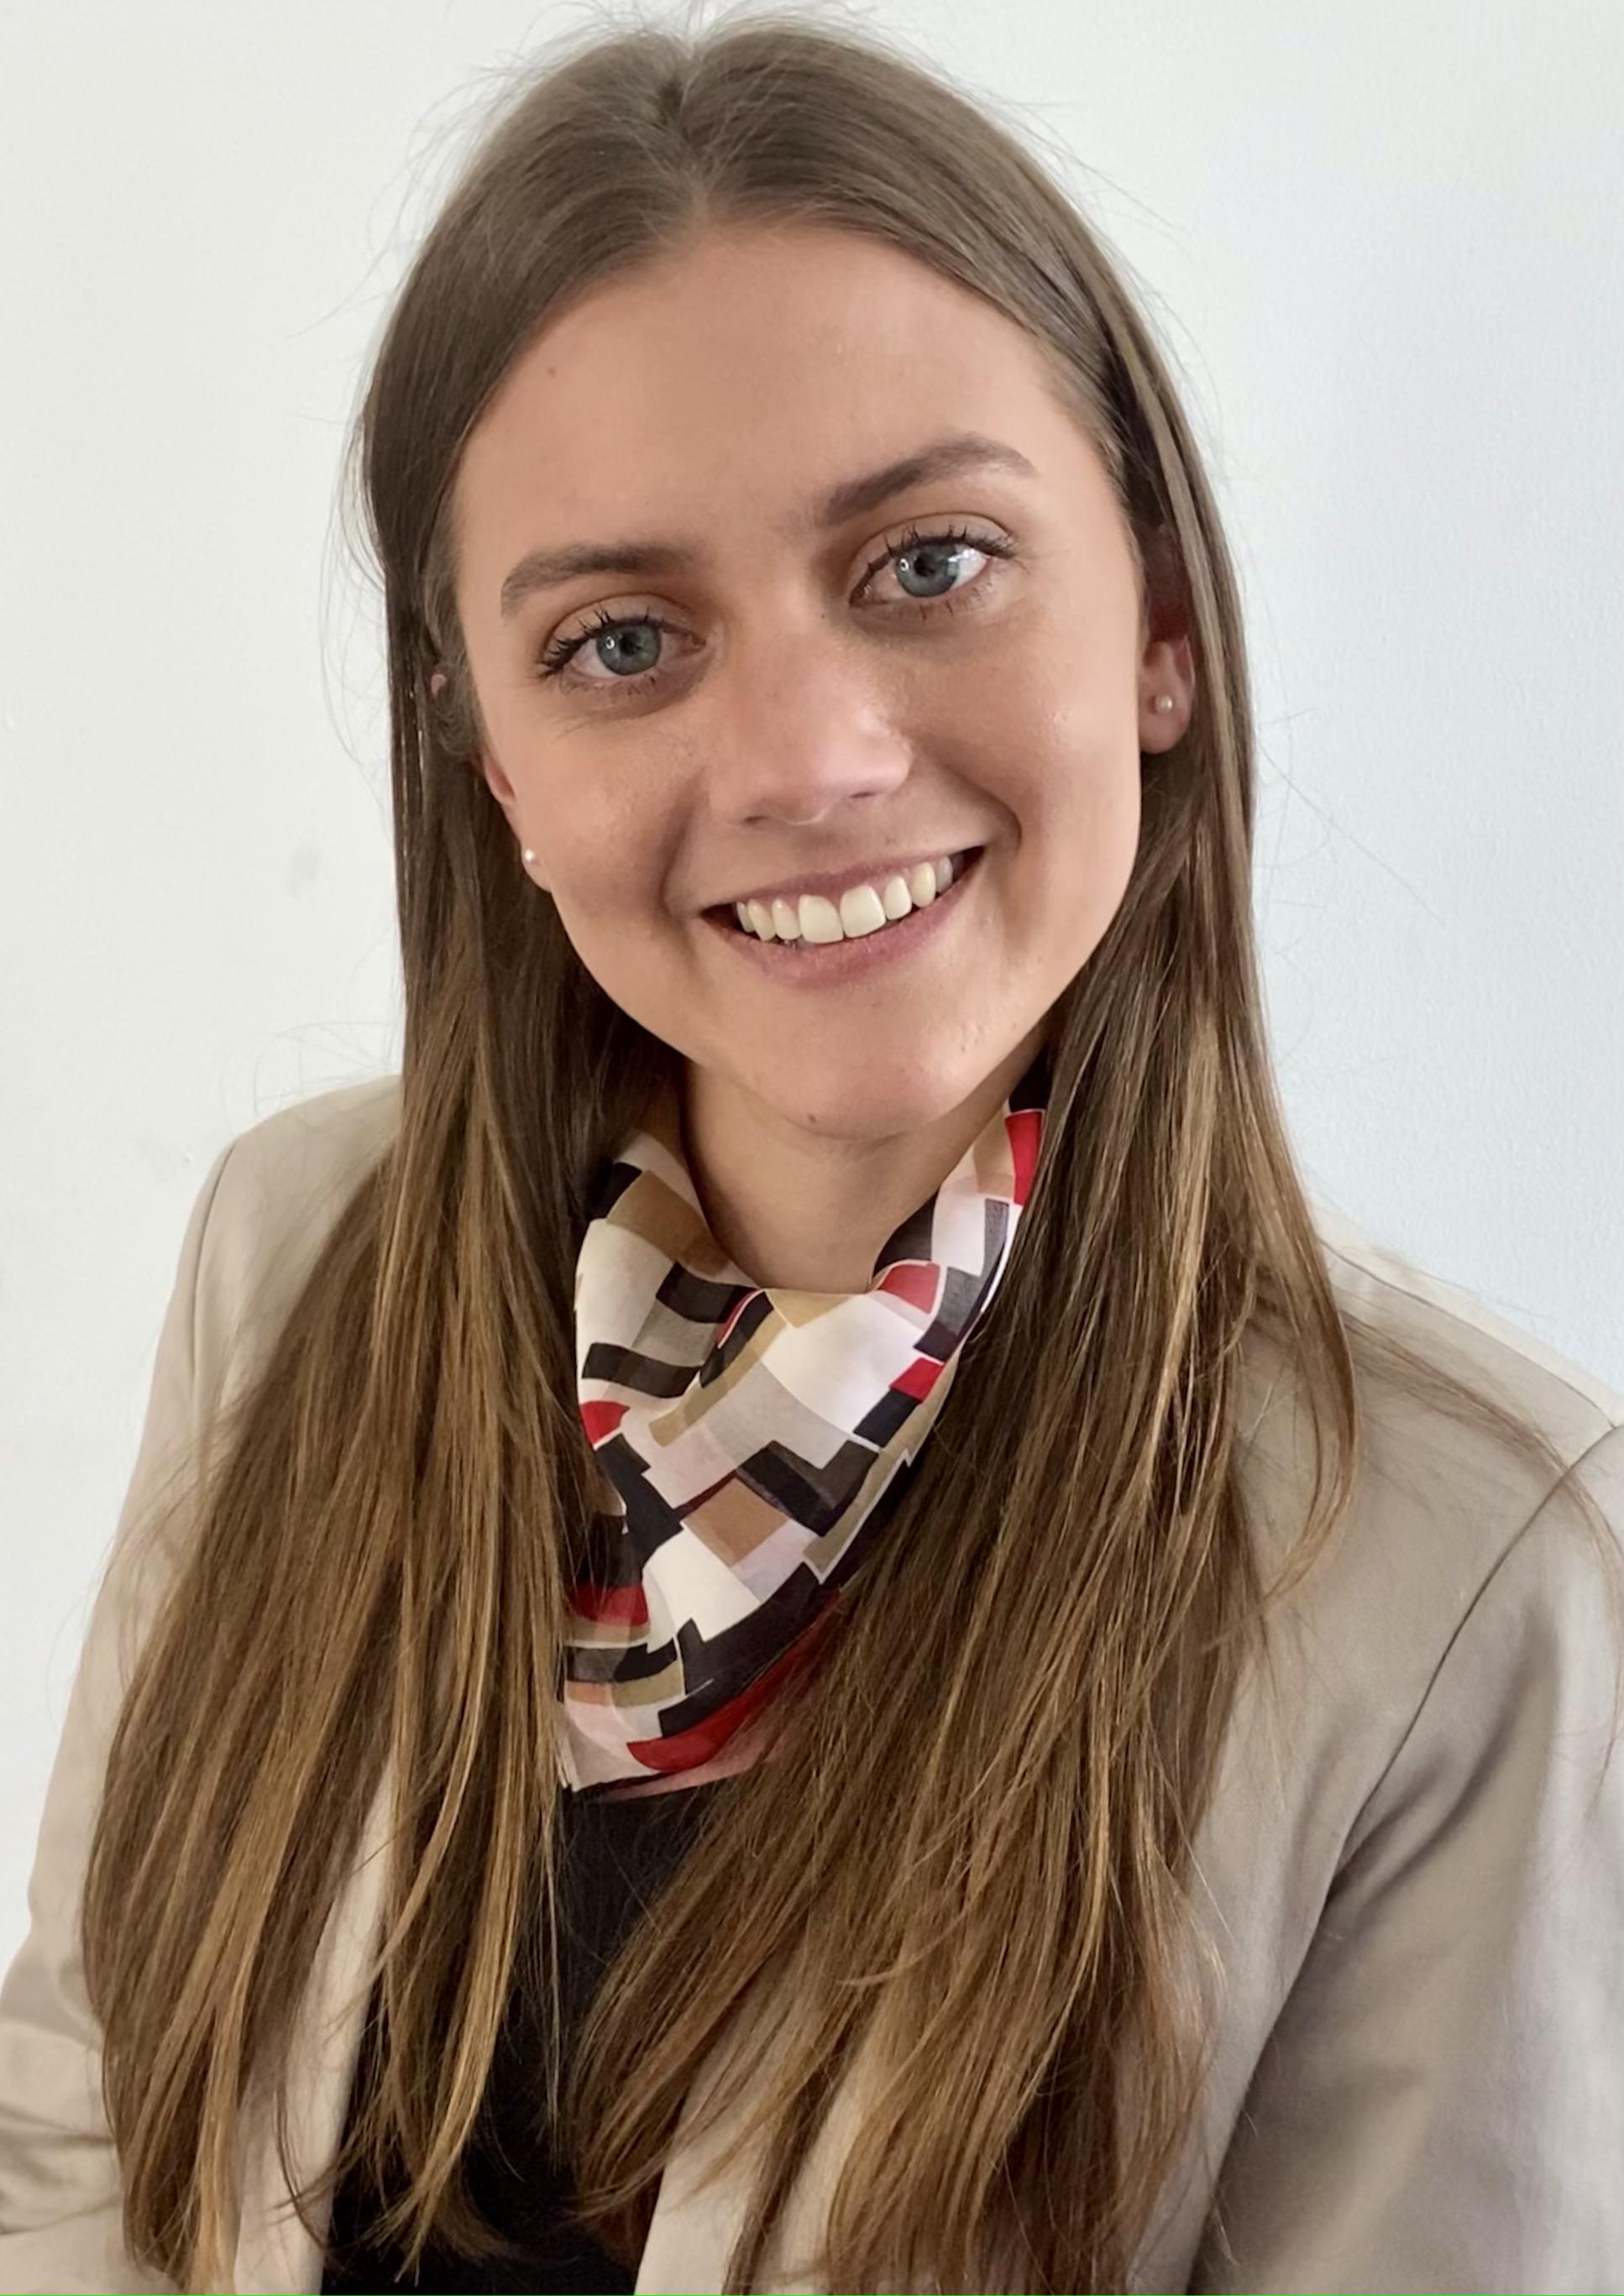 Nicole Ledesma